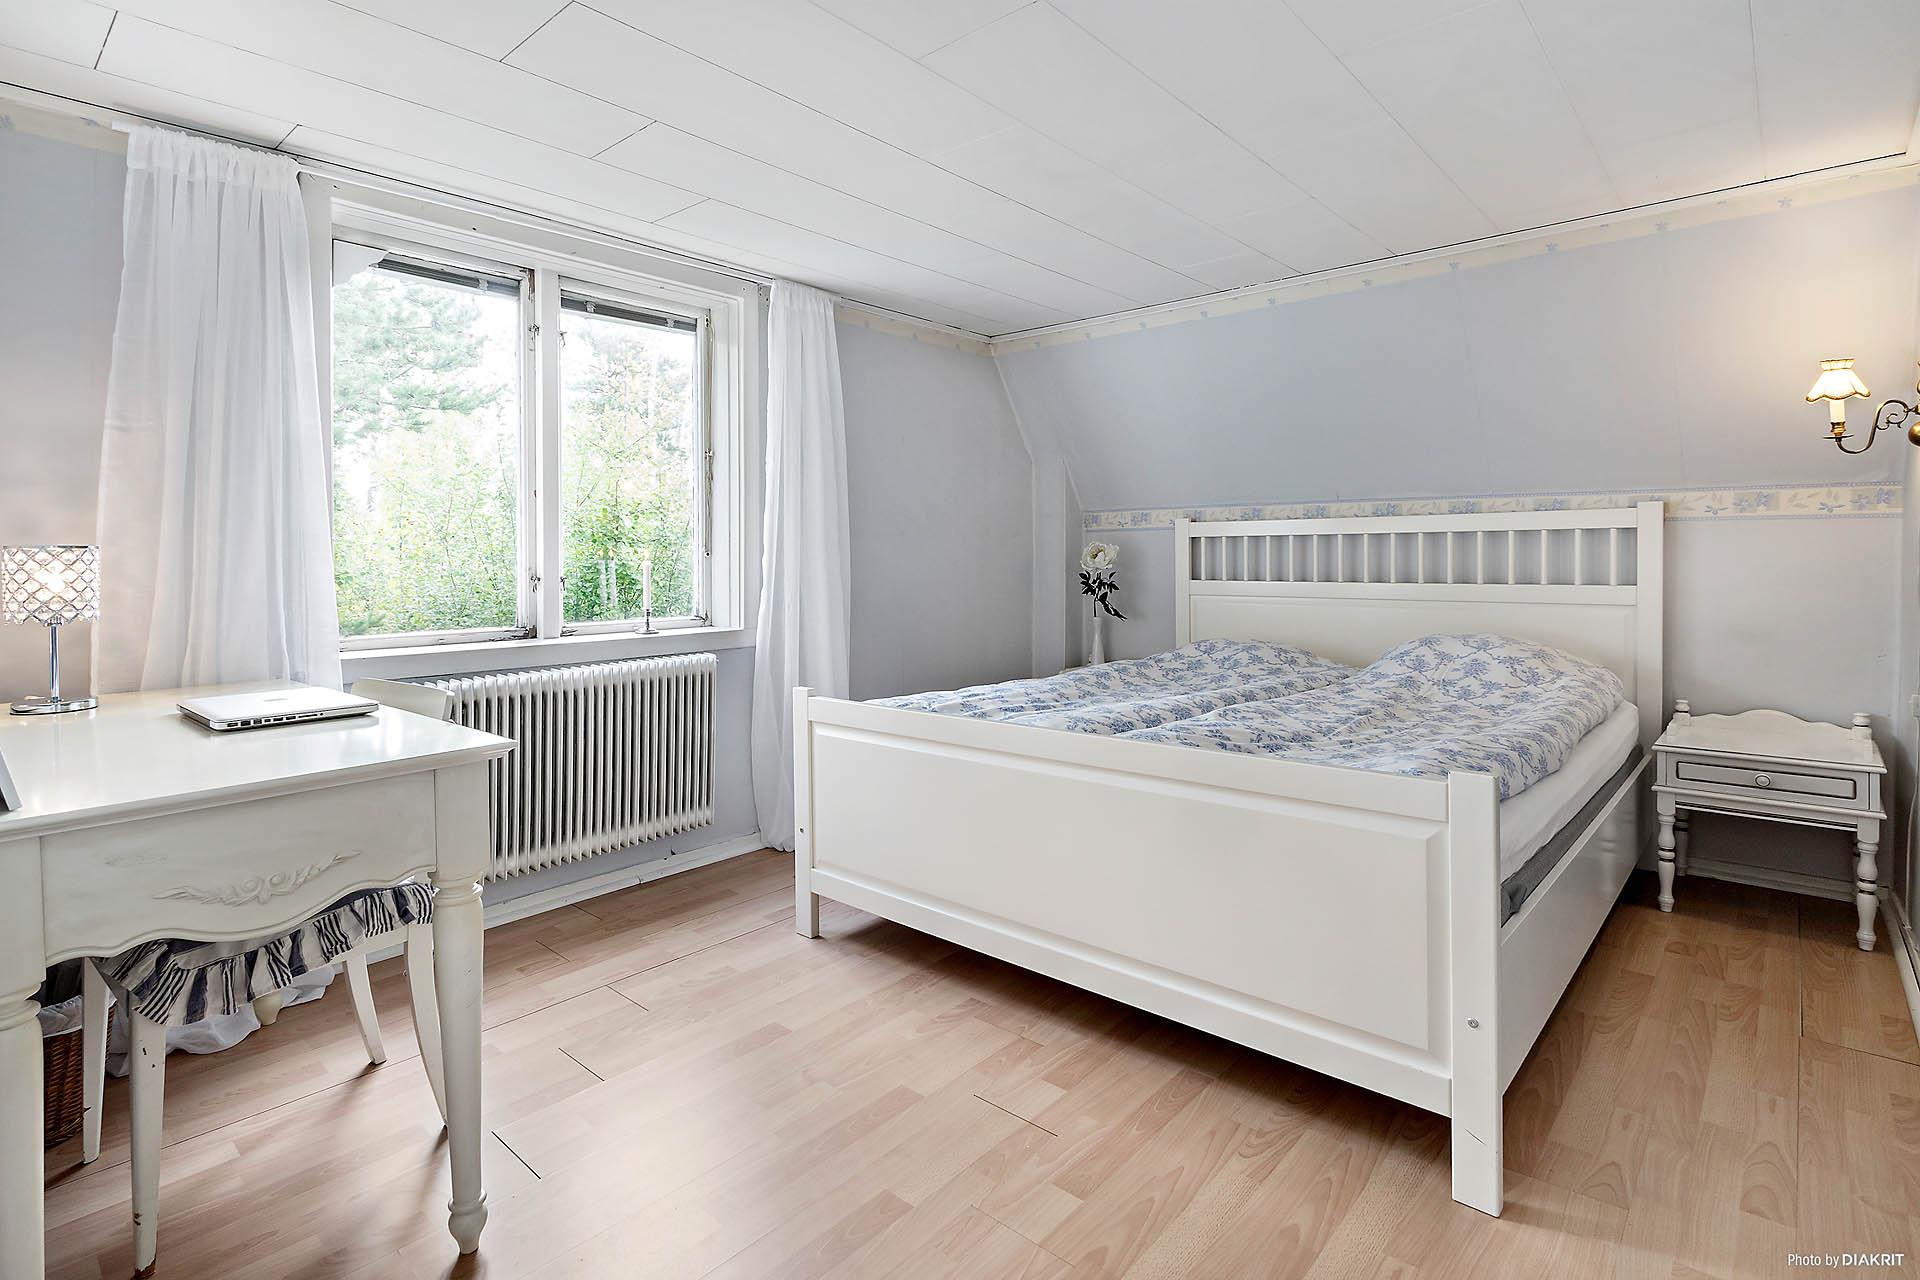 Rofyllt sovrum med sidogarderob